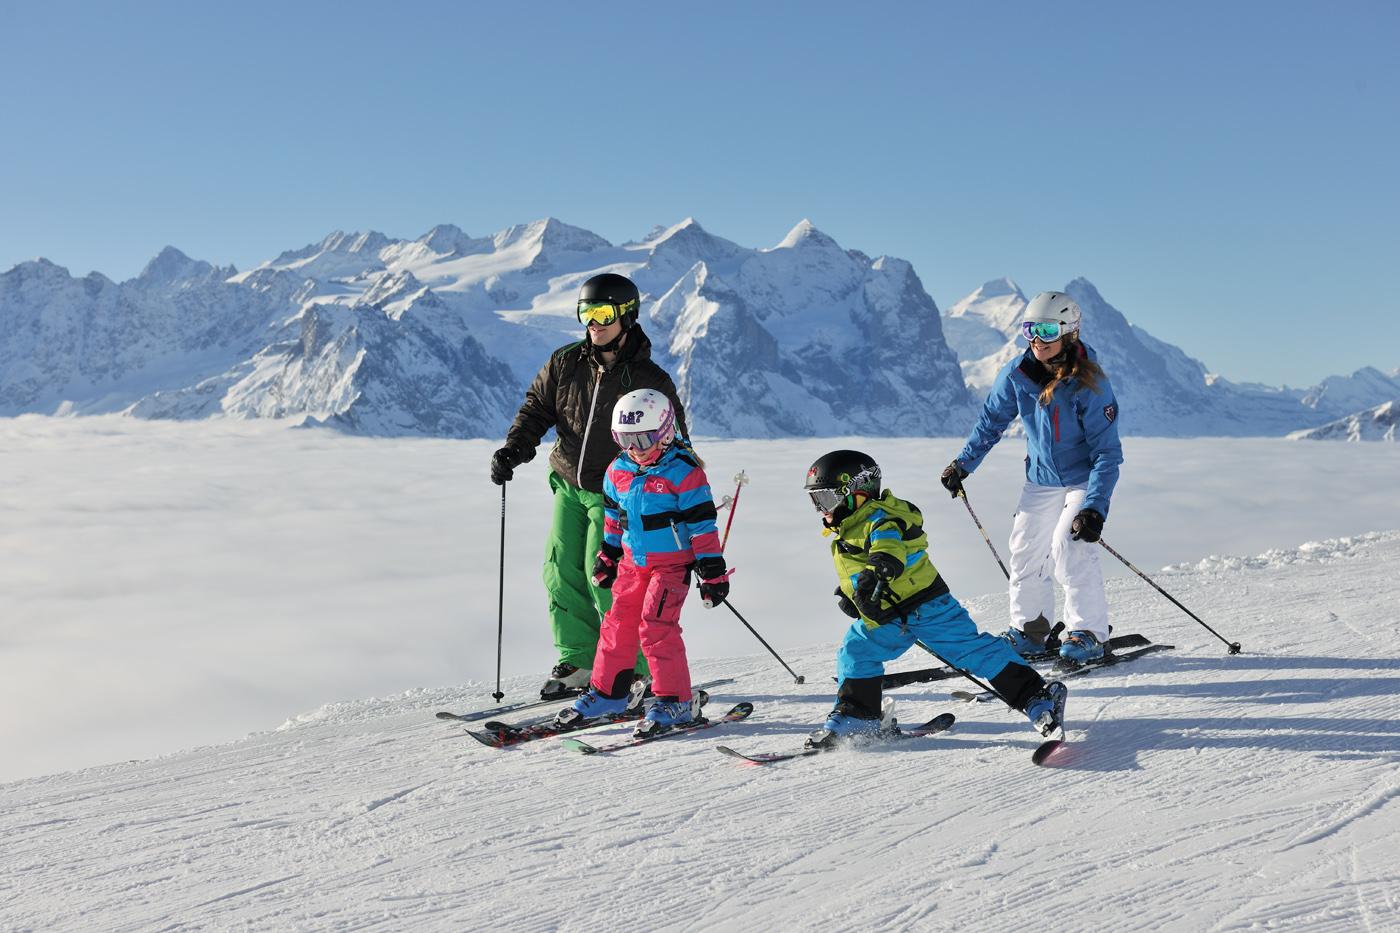 могут швейцария горные лыжи фото ваше доверие